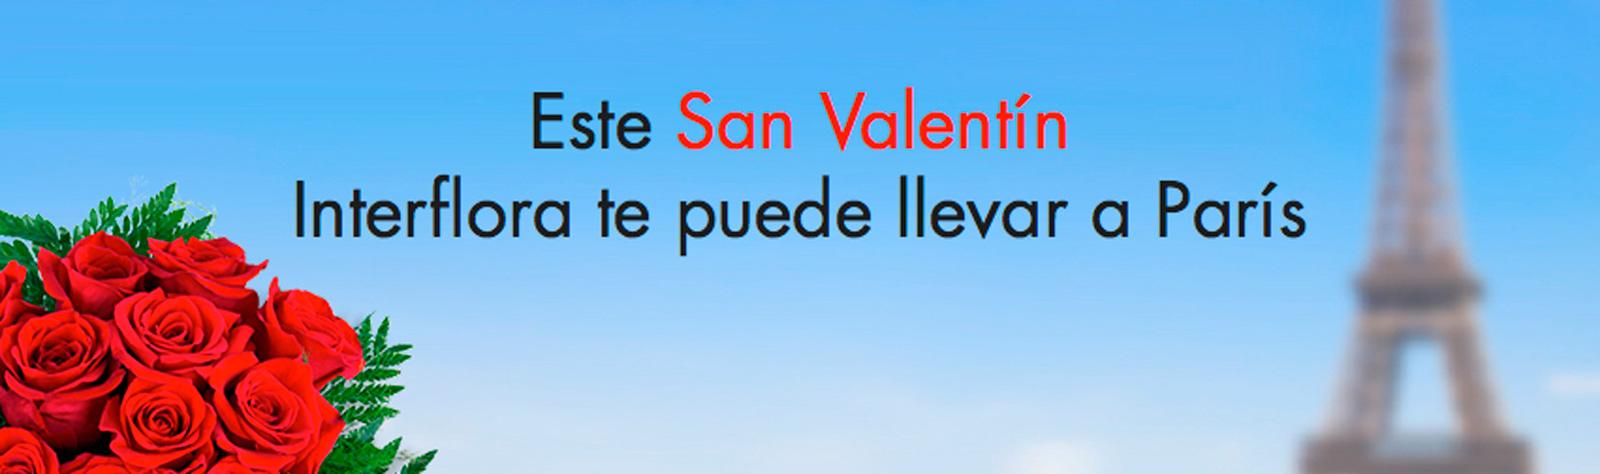 Consejos para mantener la chispa del amor en San Valentín